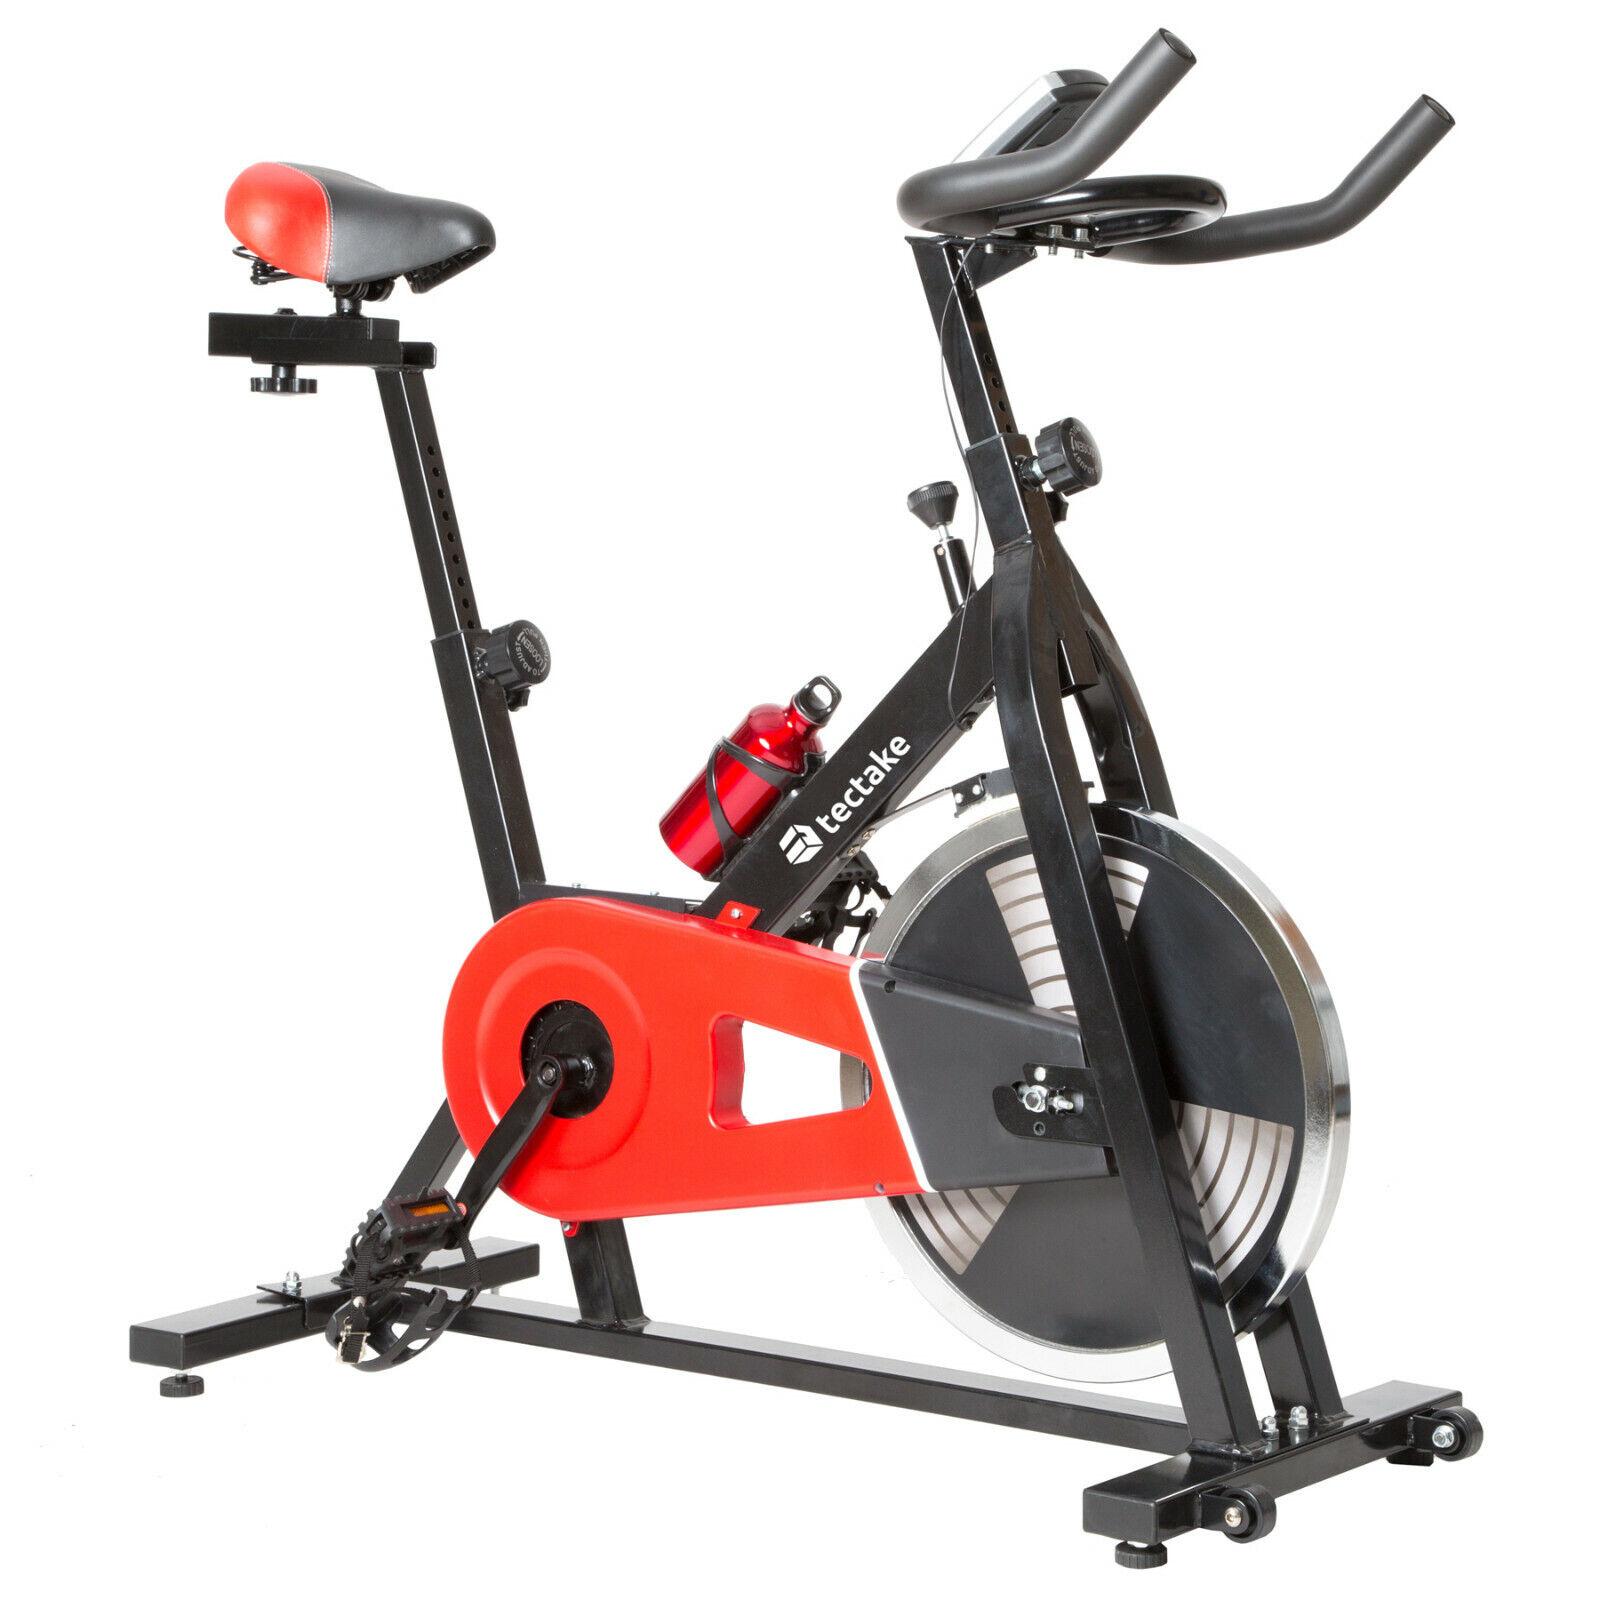 Bicicleta Estática Fitness Maquina Ciclismo Cardio Gimnasia Deporte Spinning